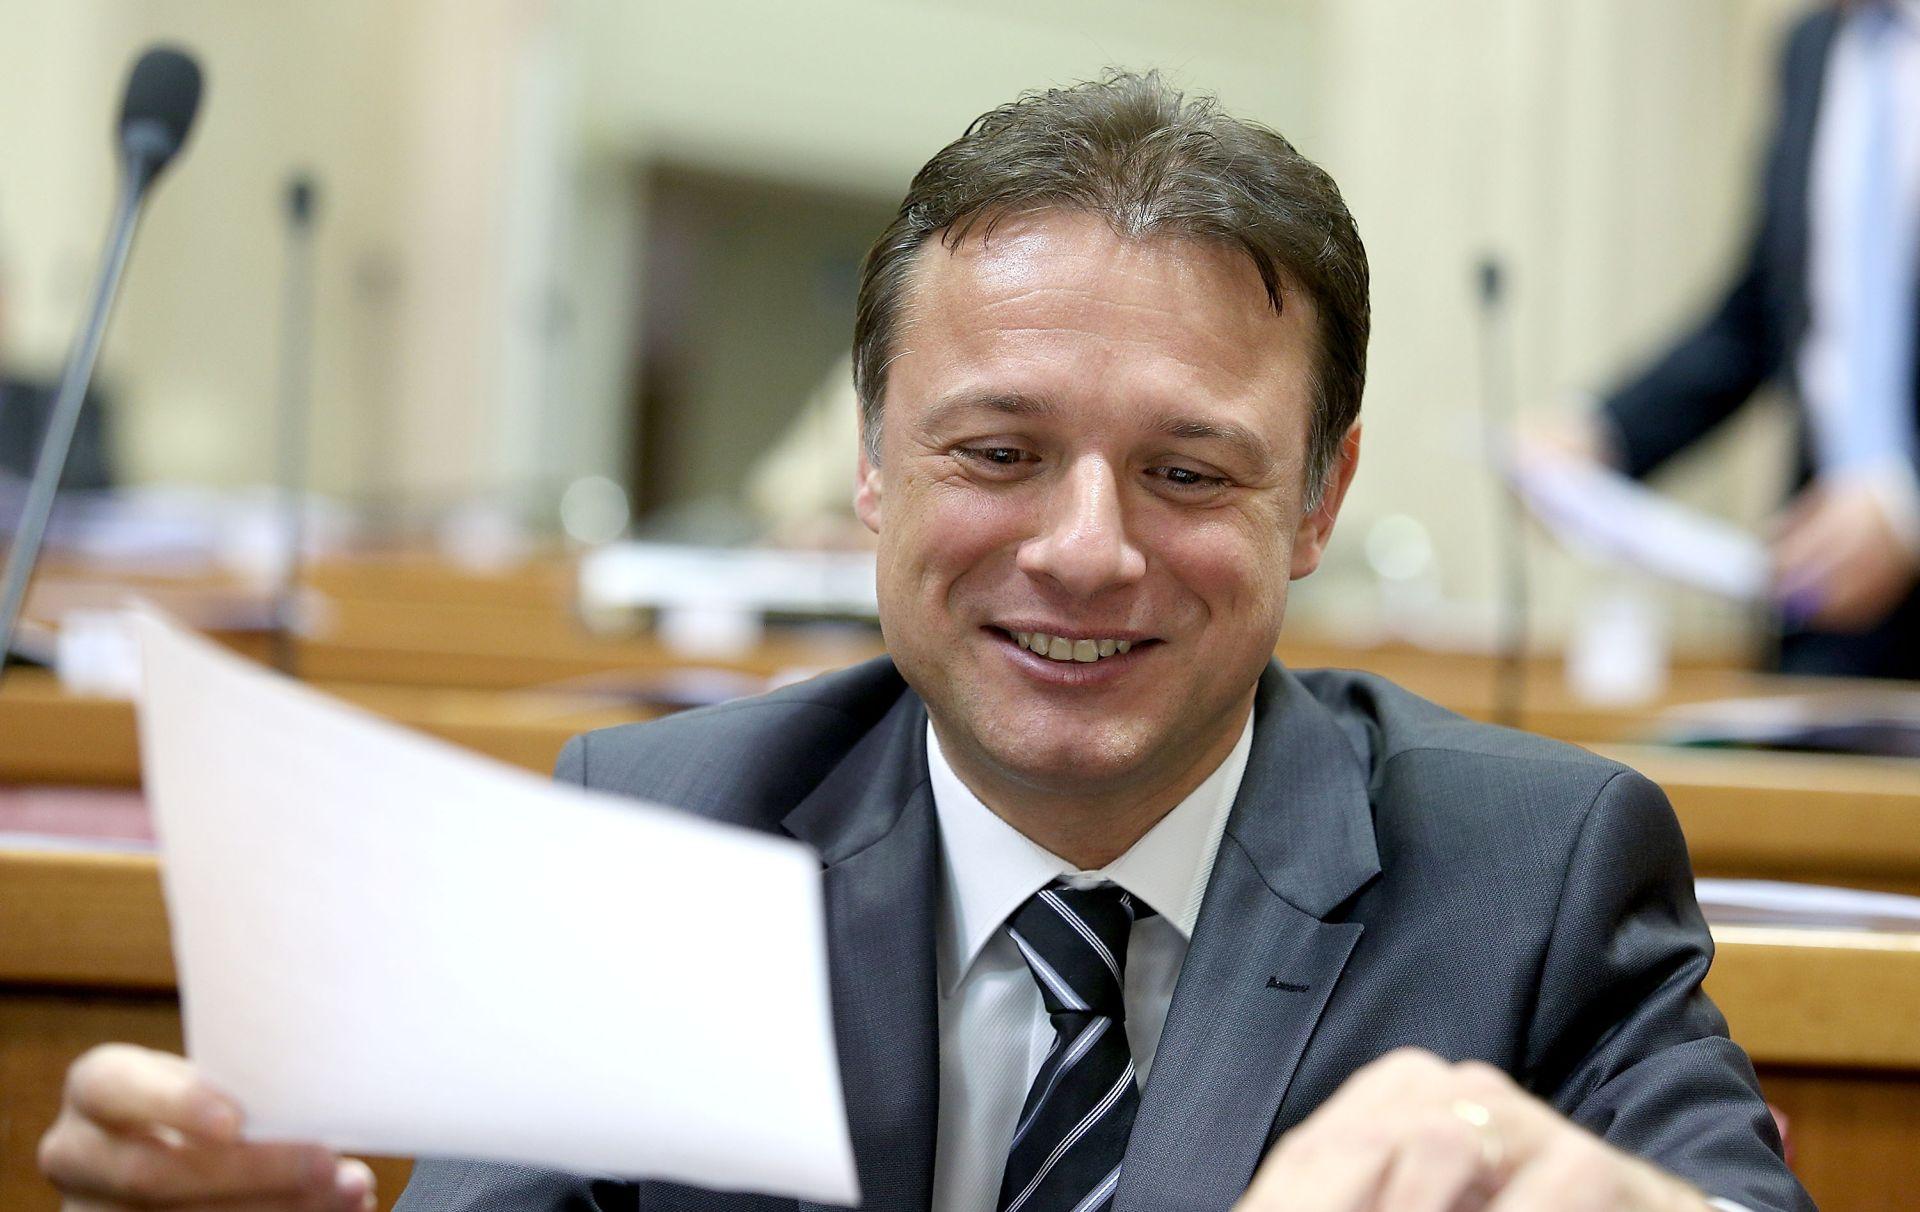 JANDROKOVIĆ Milanovićev nastup bio je prostački, Hrvatska zaslužuje pristojnijeg premijera